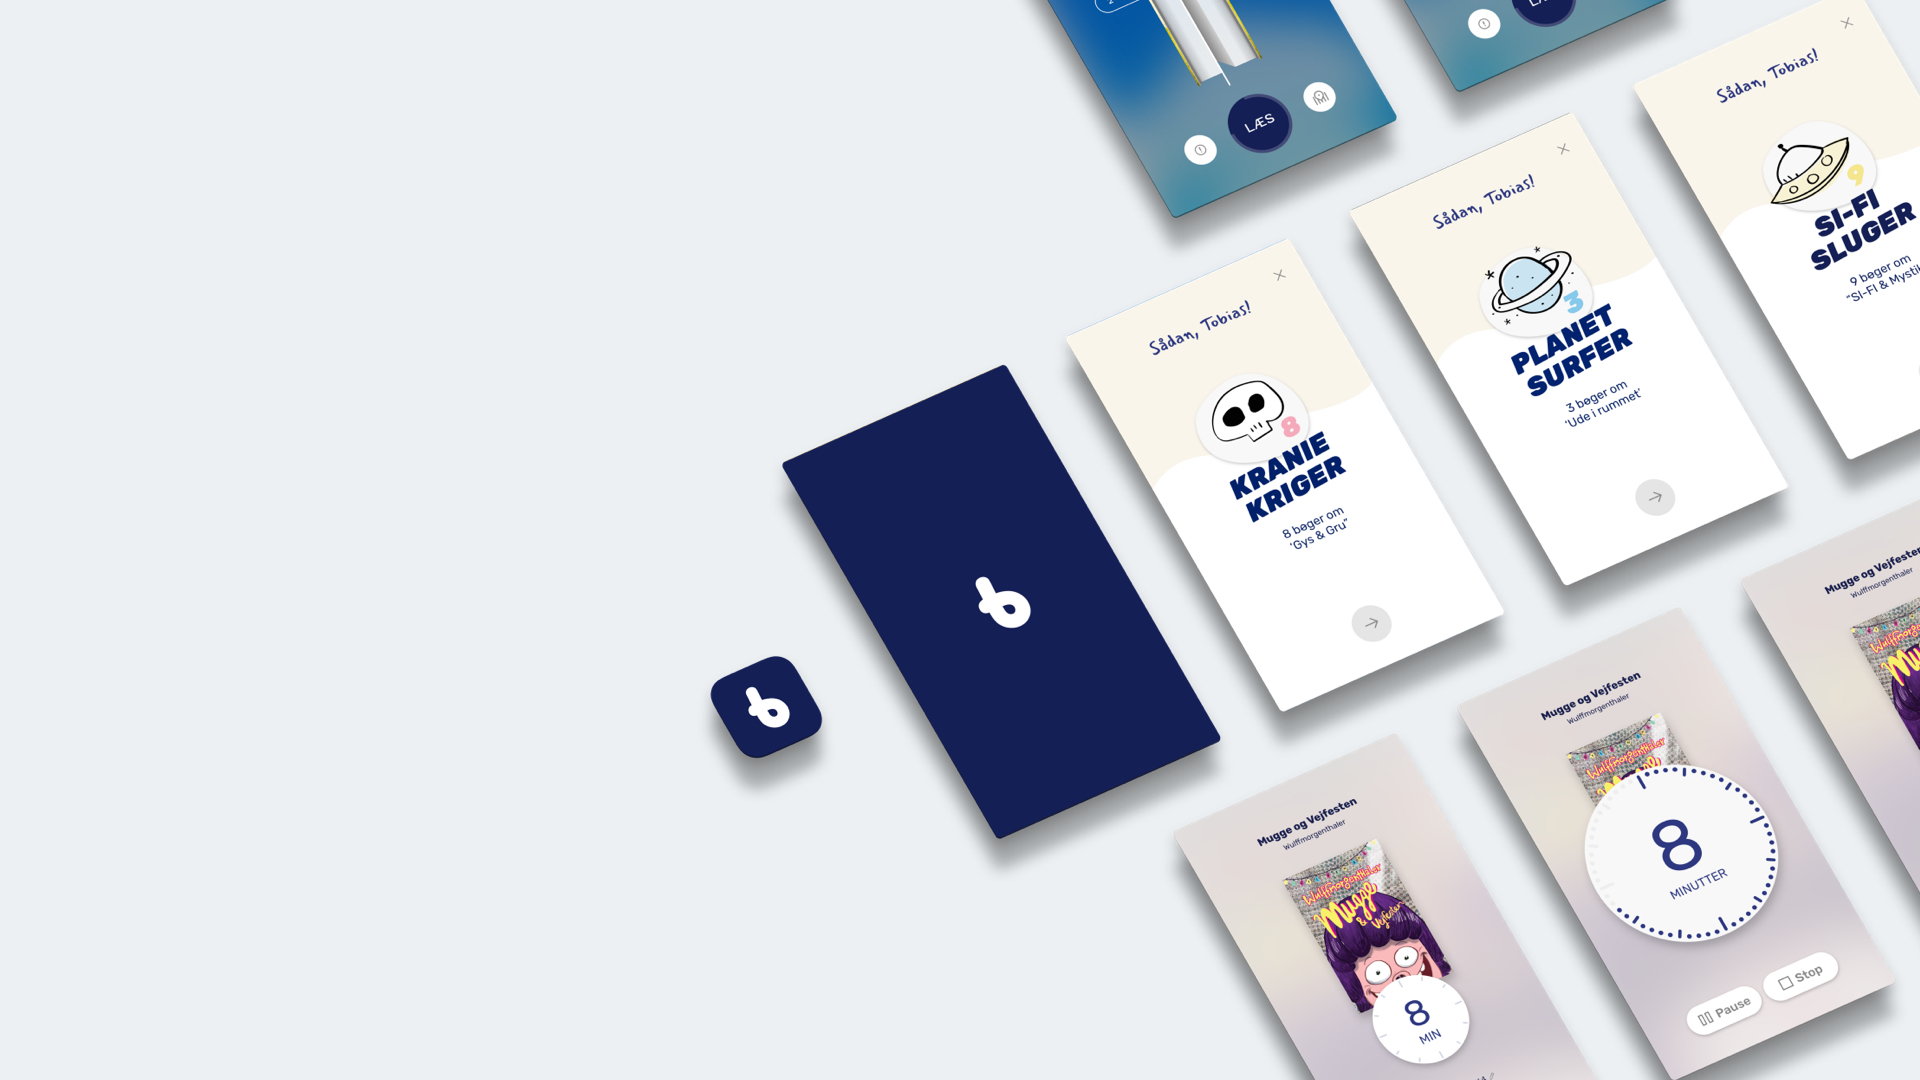 Pic_KB_CaseBB_App_Slide6_Ny_v1.9_1x